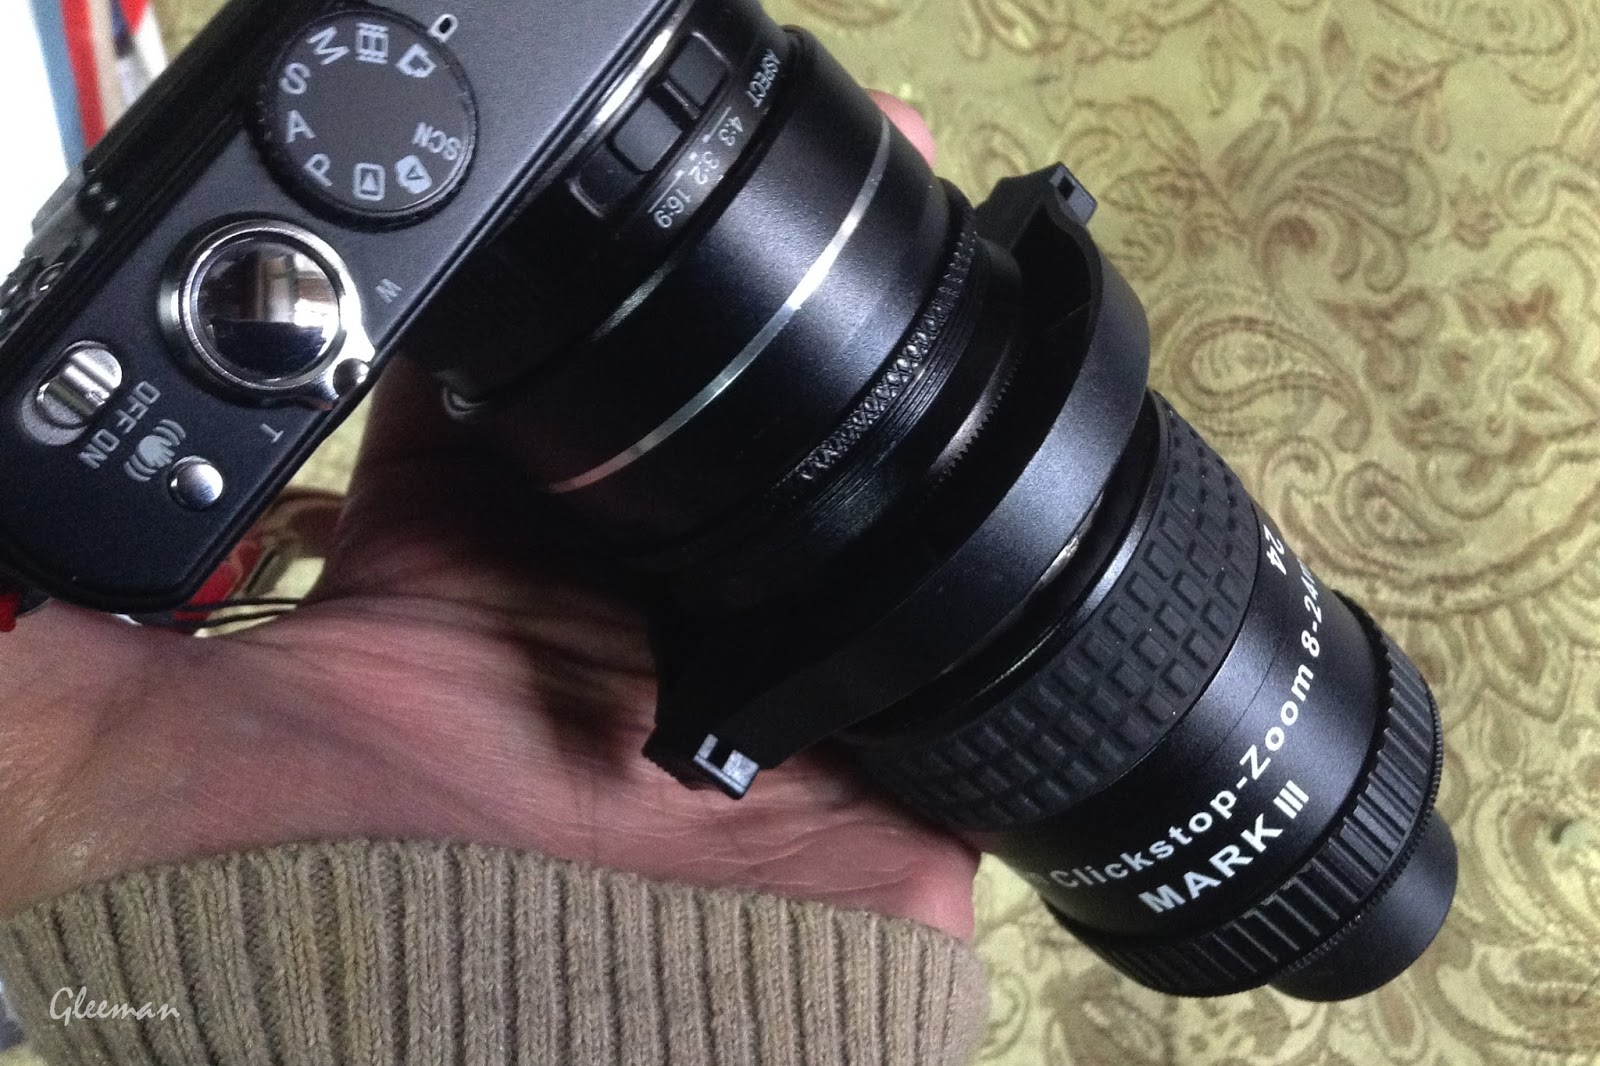 快扣接環 對於有外接套筒的DC及小無反相機非常快適